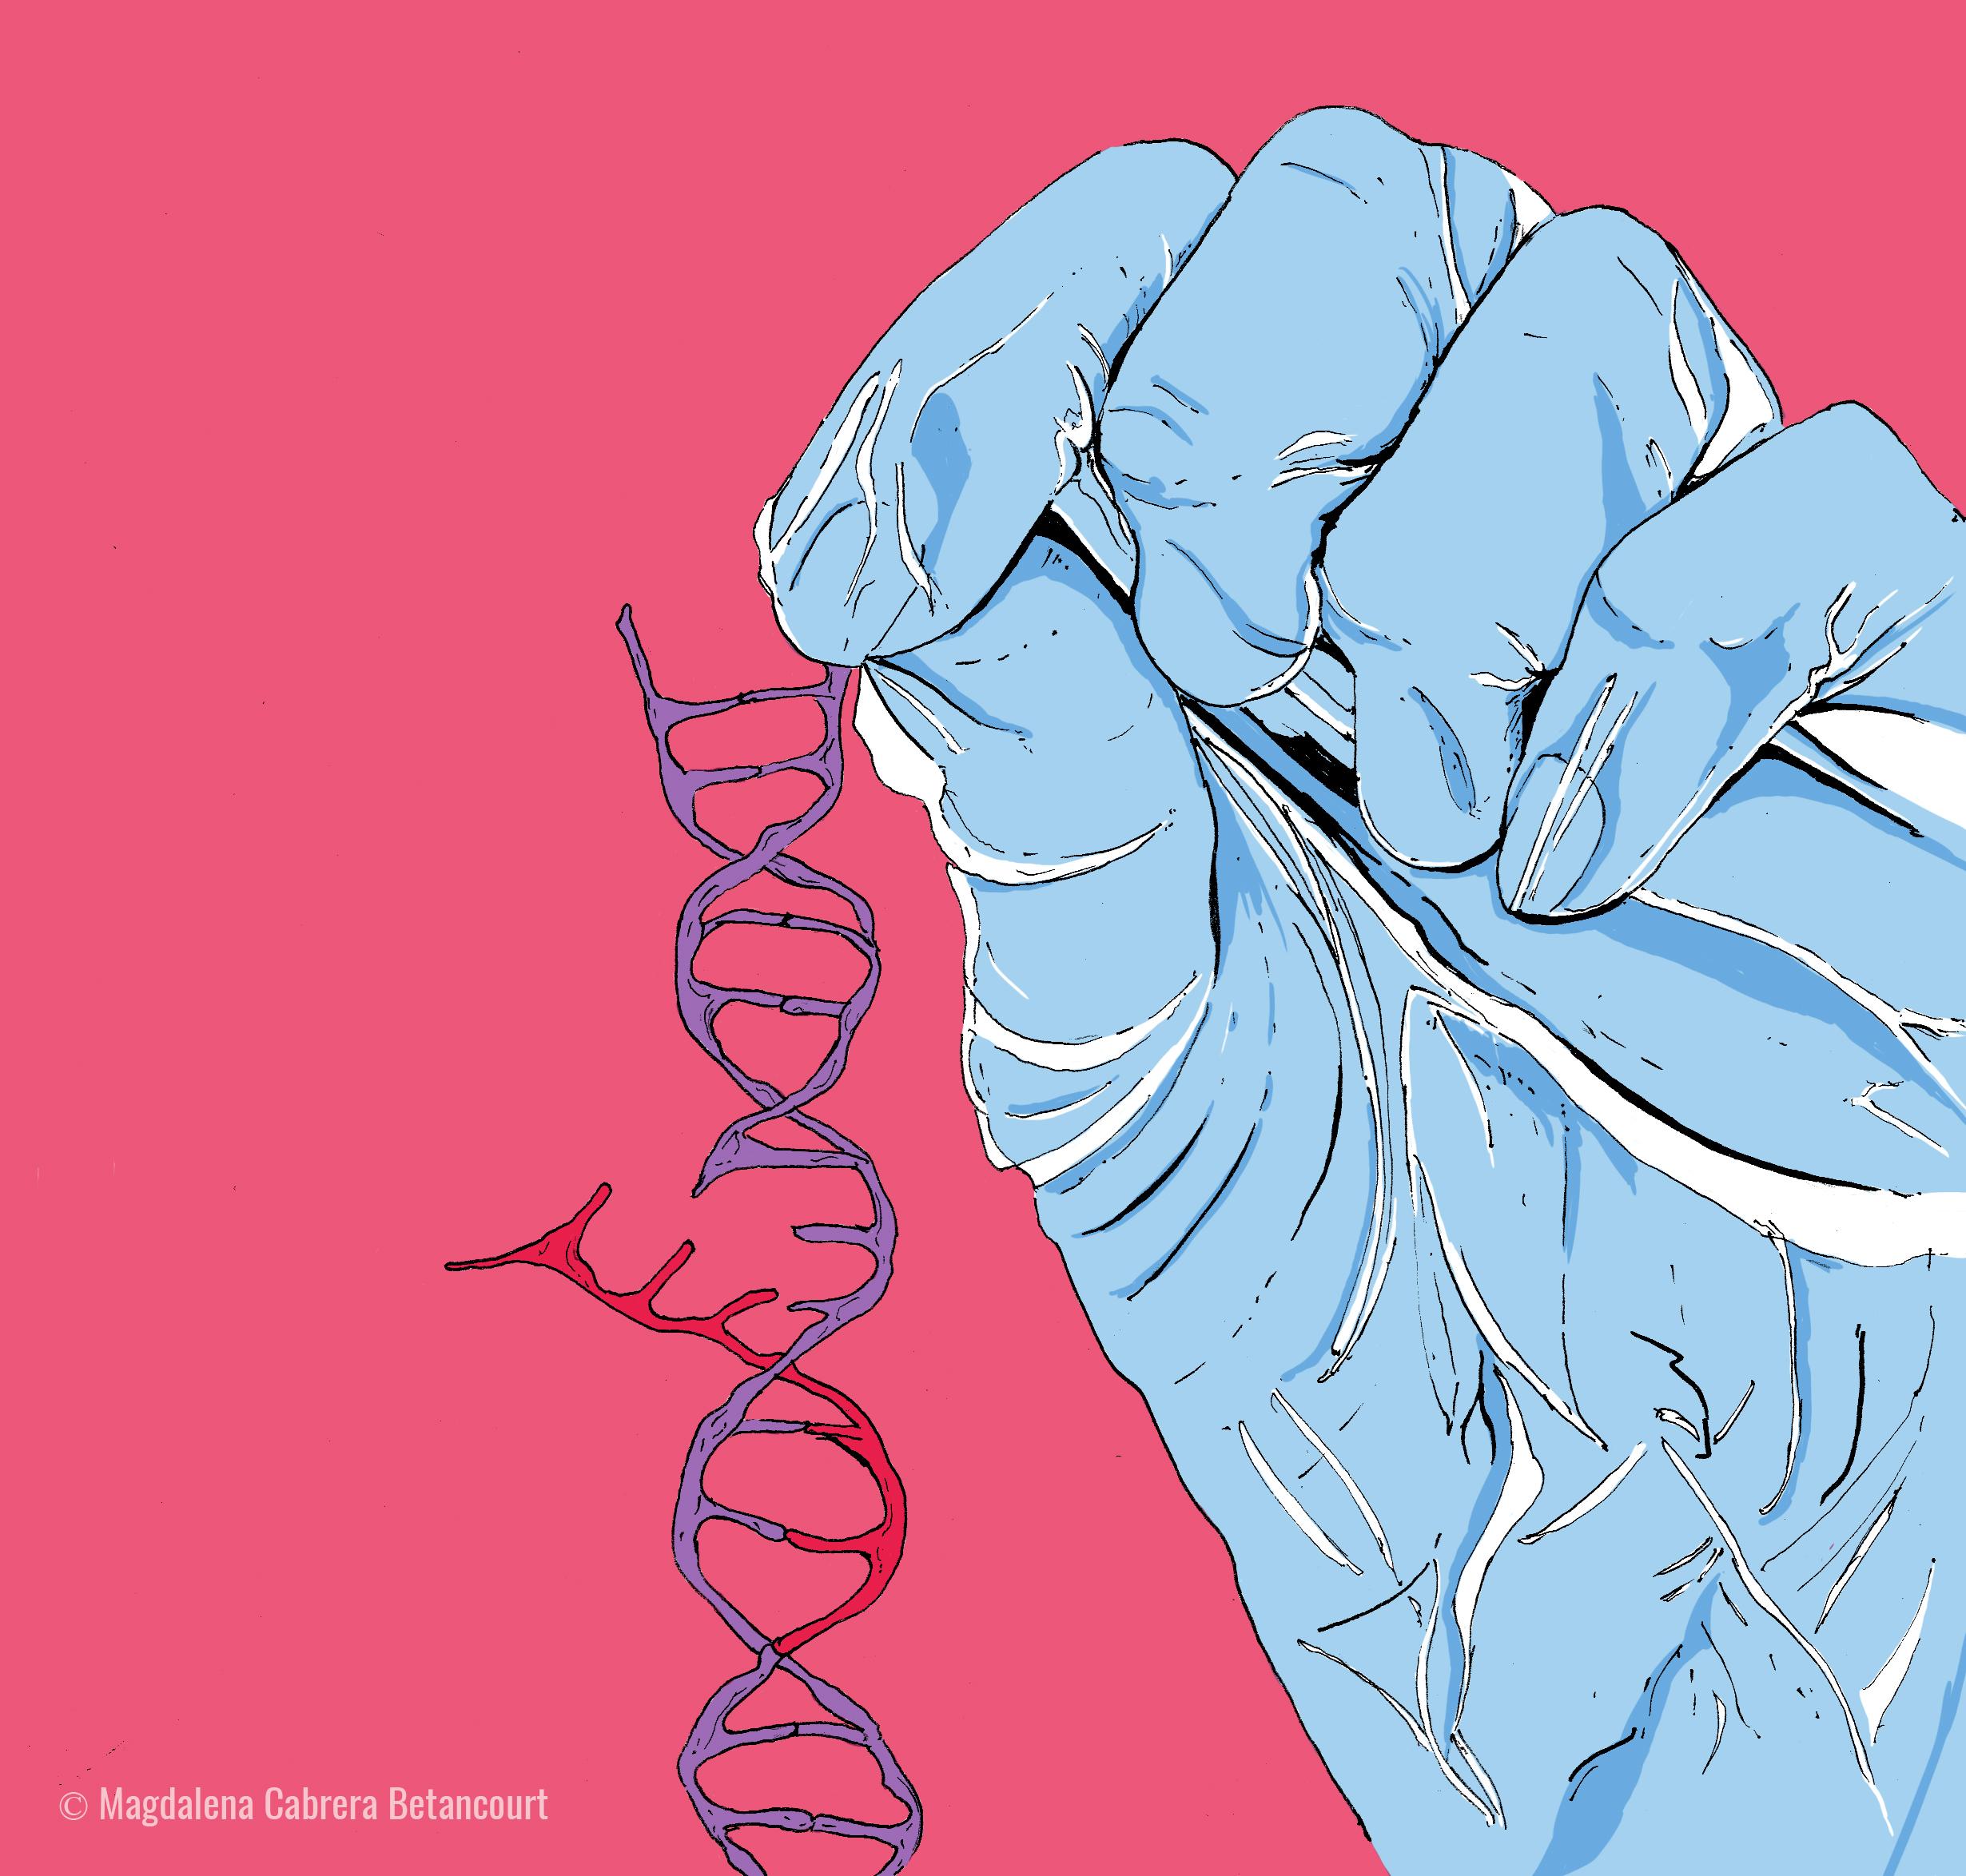 edicion genetica2